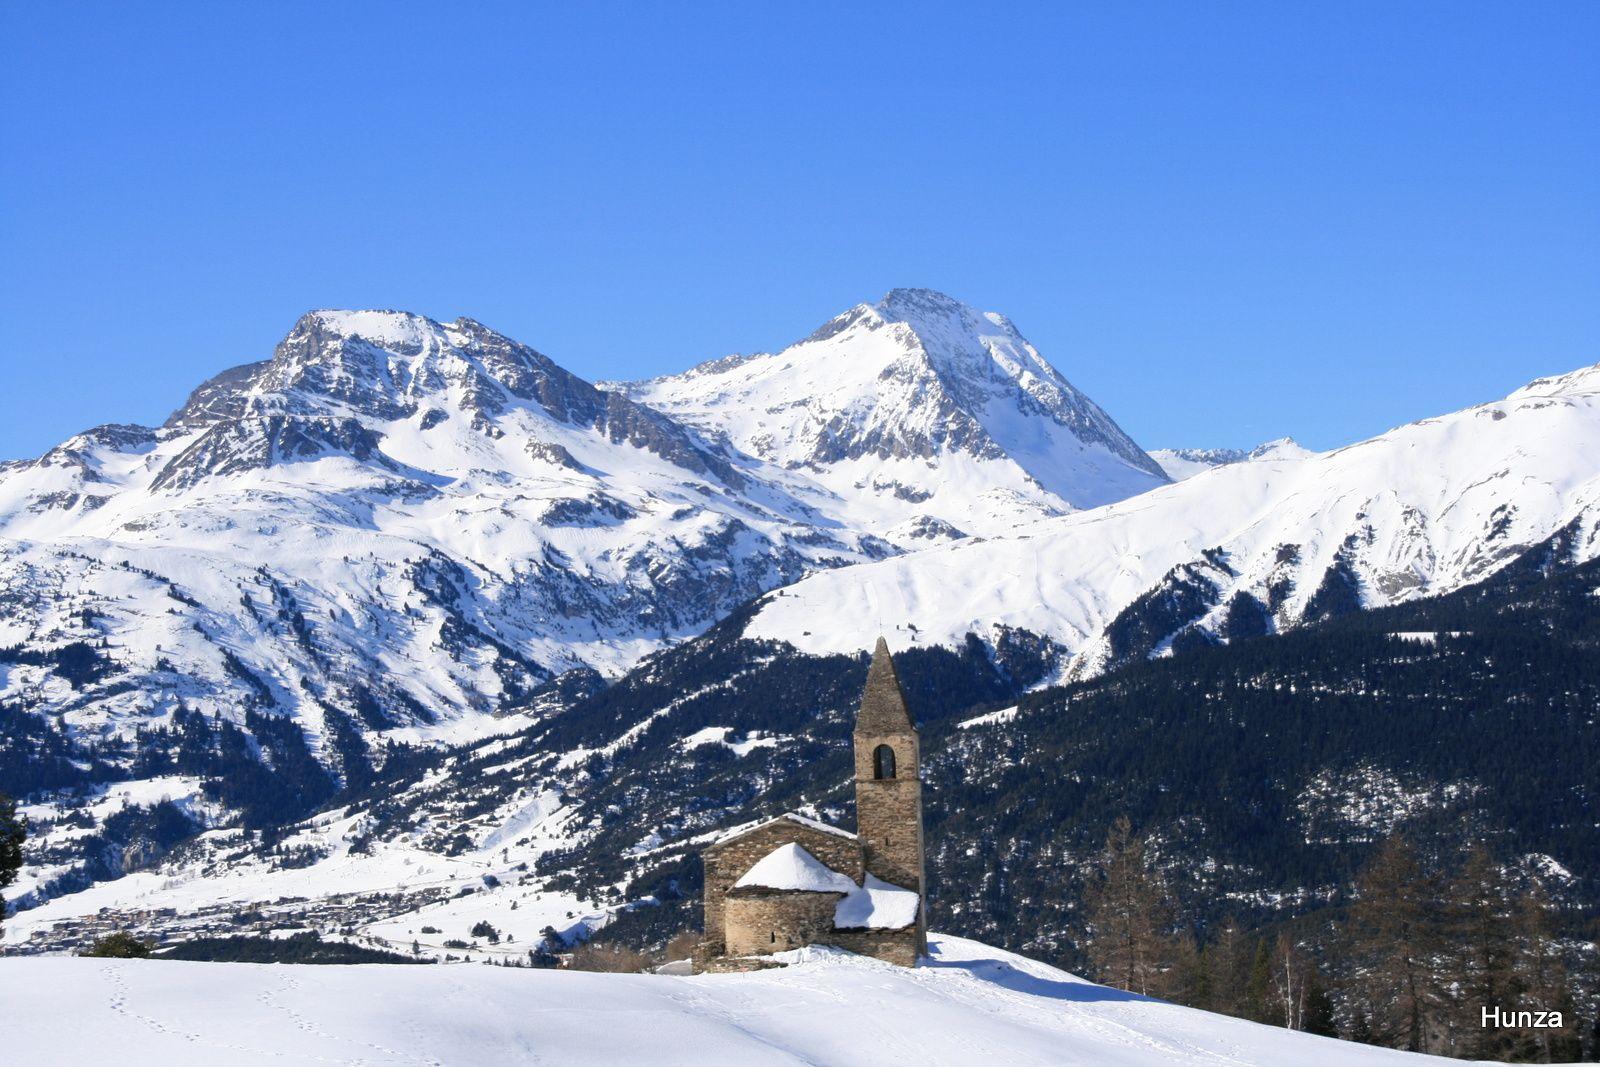 Léglise de Saint-Pierre d'Extravache et, en arrière plan, le Rateau d'Aussois (3 131 m) et la Pointe de l'Echelle (3 418 m)